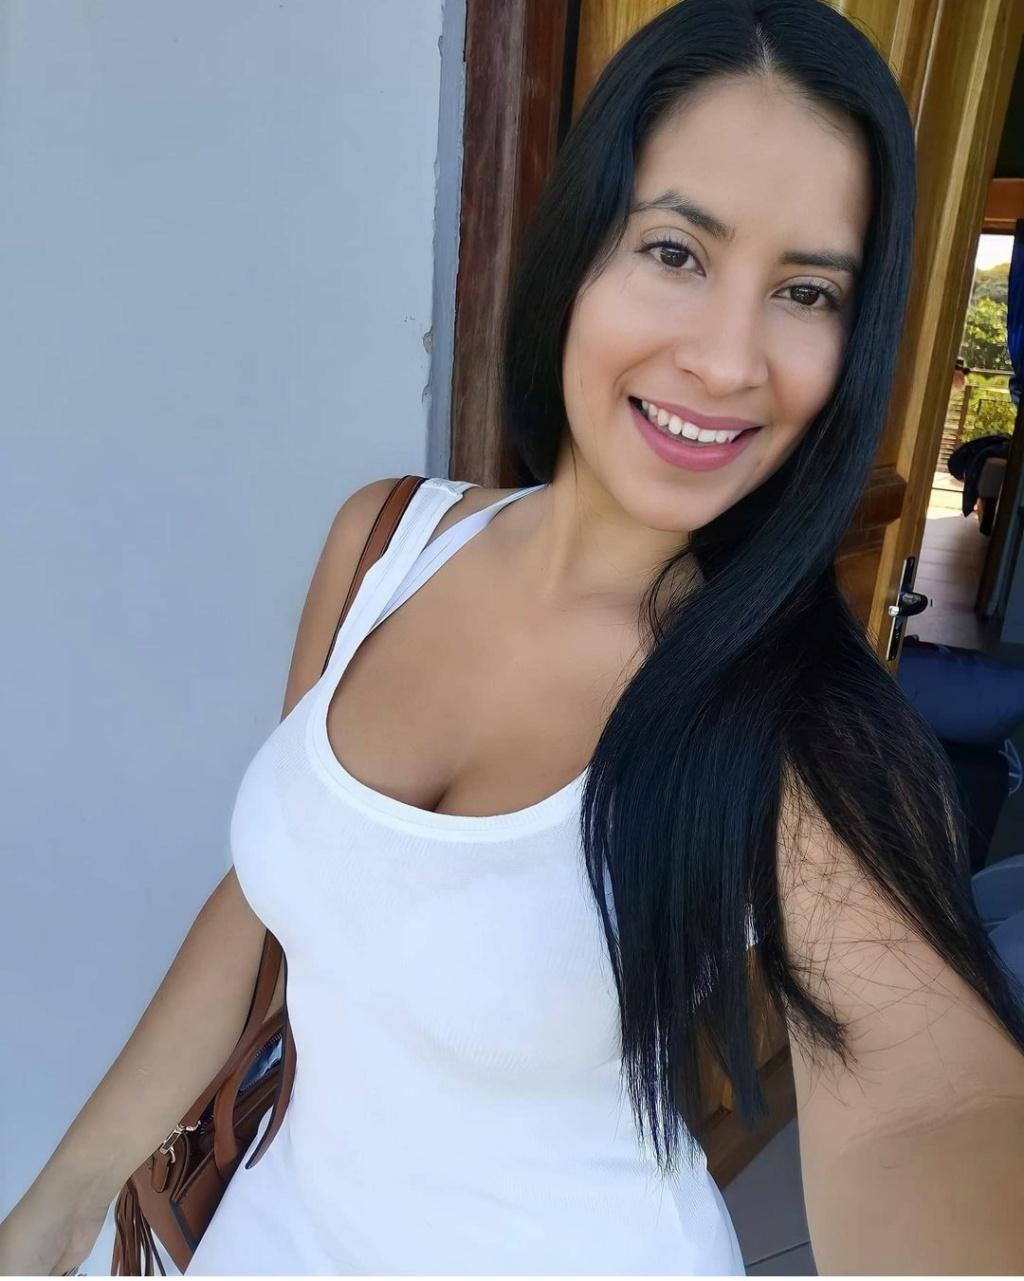 DEBATE sobre belleza, guapura y hermosura (fotos de chicas latinas, mestizas, y de todo) - VOL II - Página 16 Img_1820